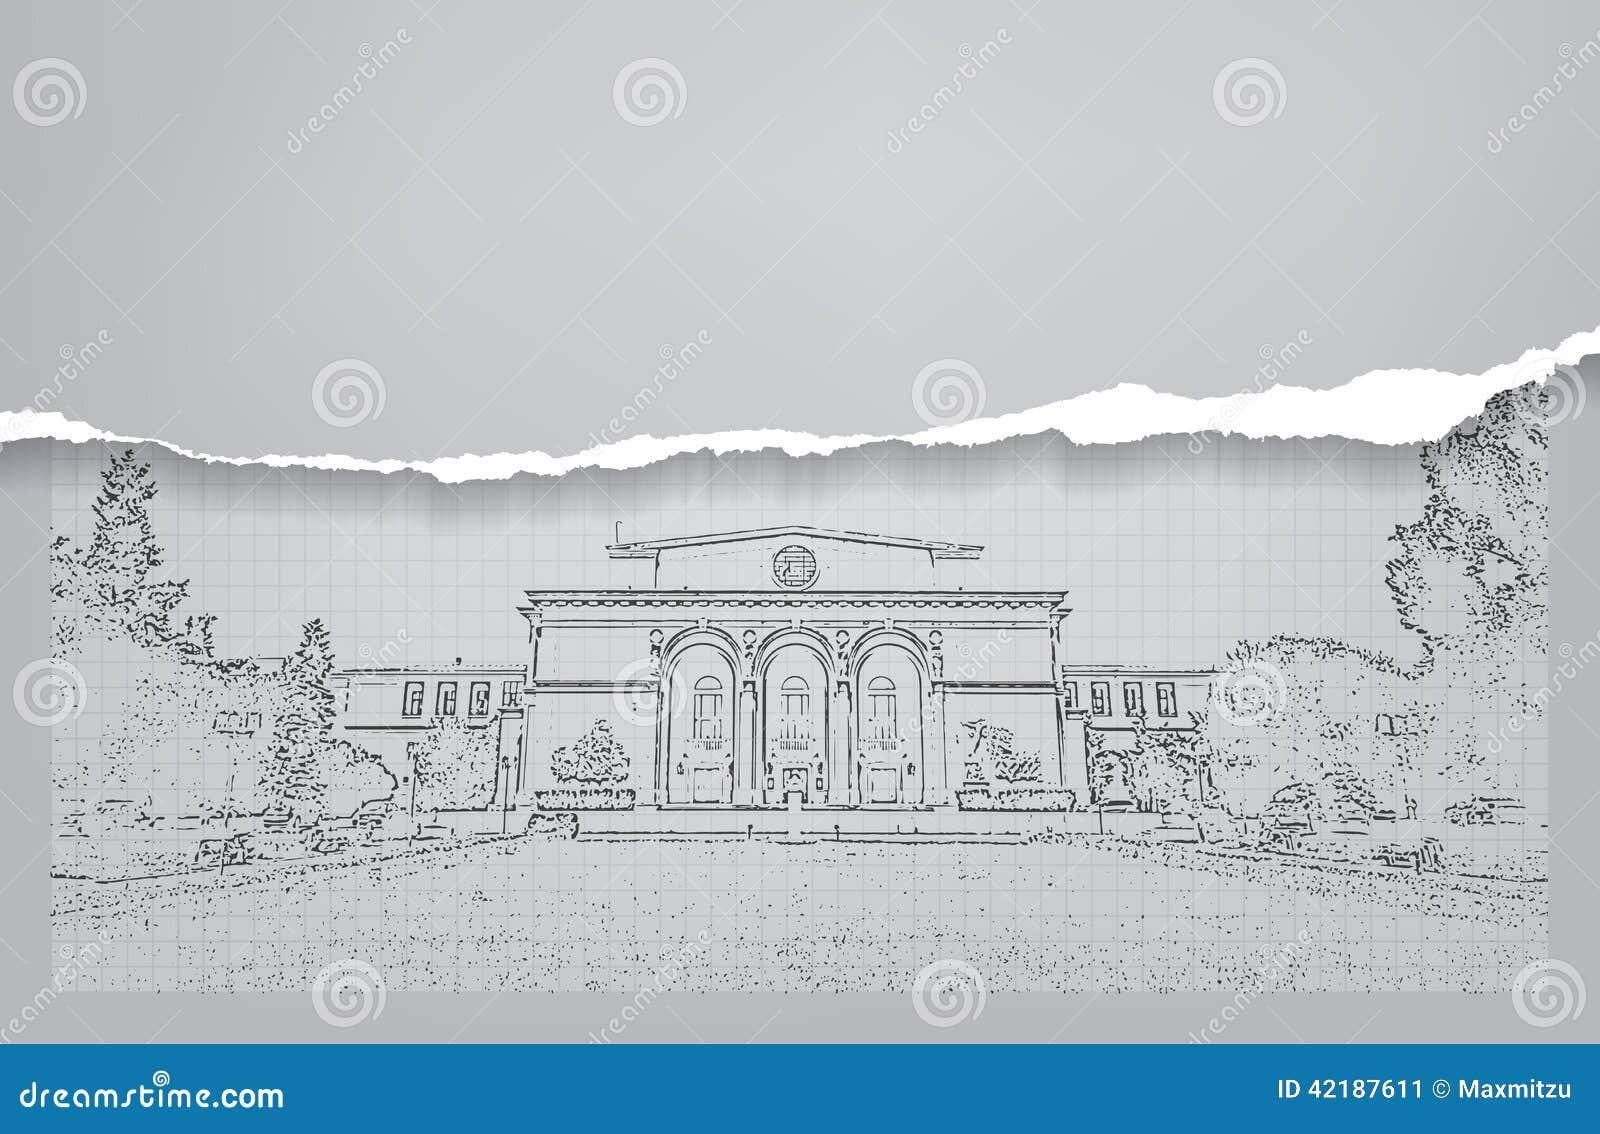 Architecture croquis dessin du b timent for Dessin batiment 3d